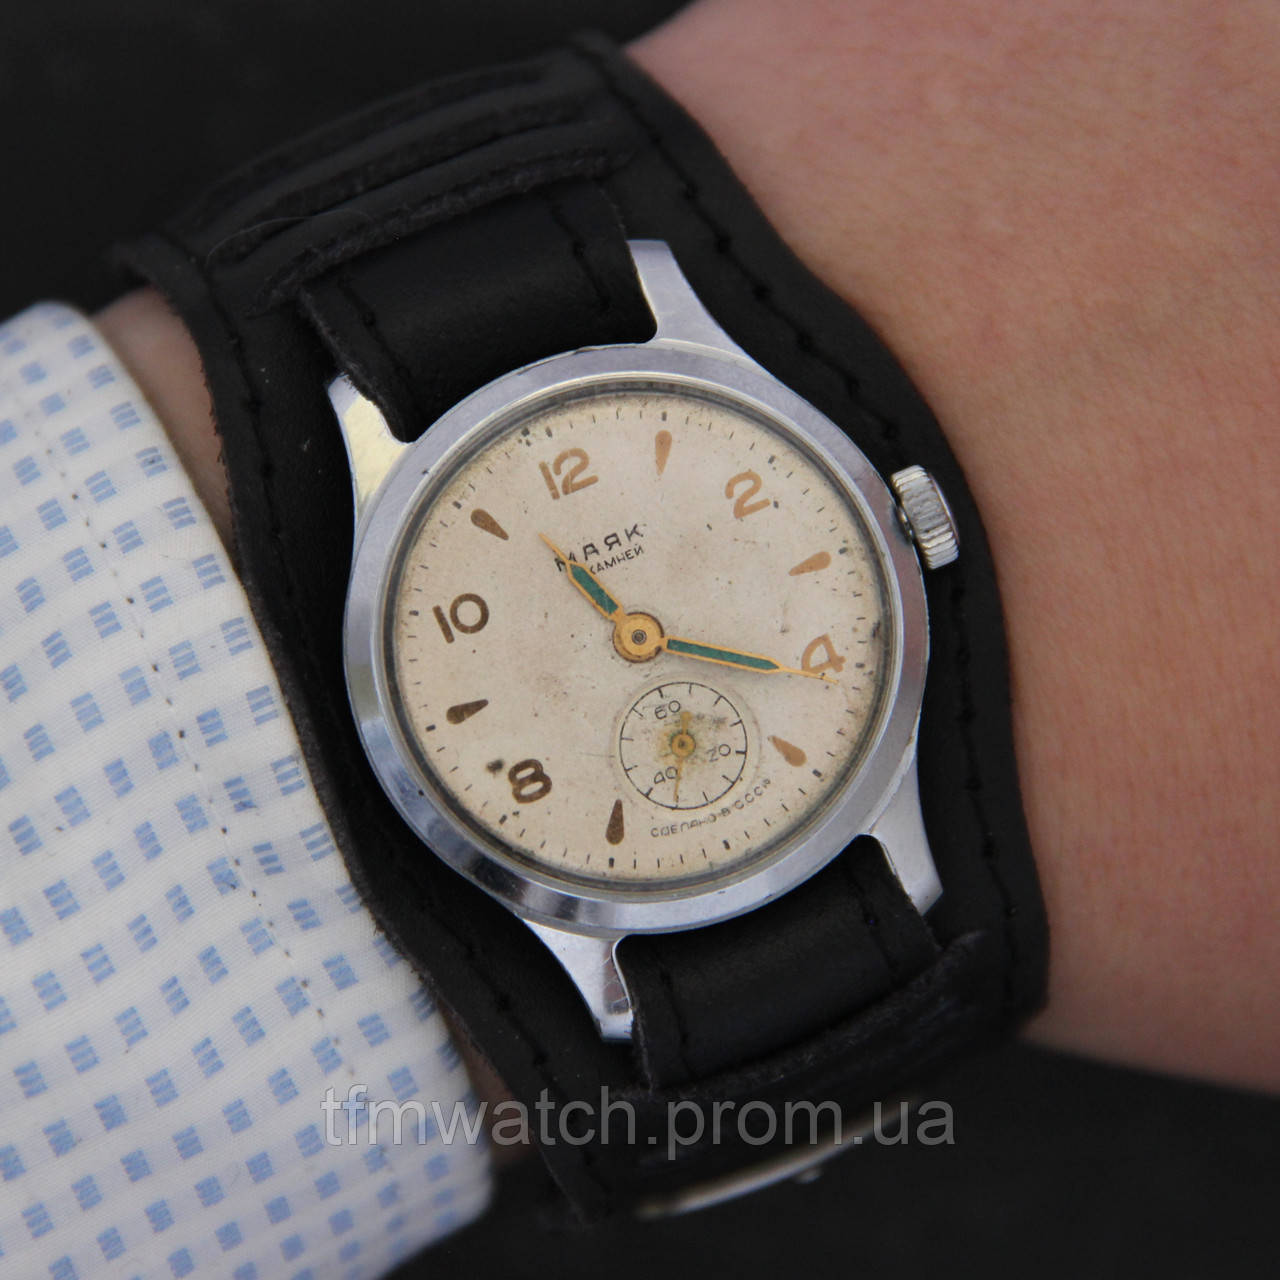 Купить часы с маяком купить часы настольные в украине